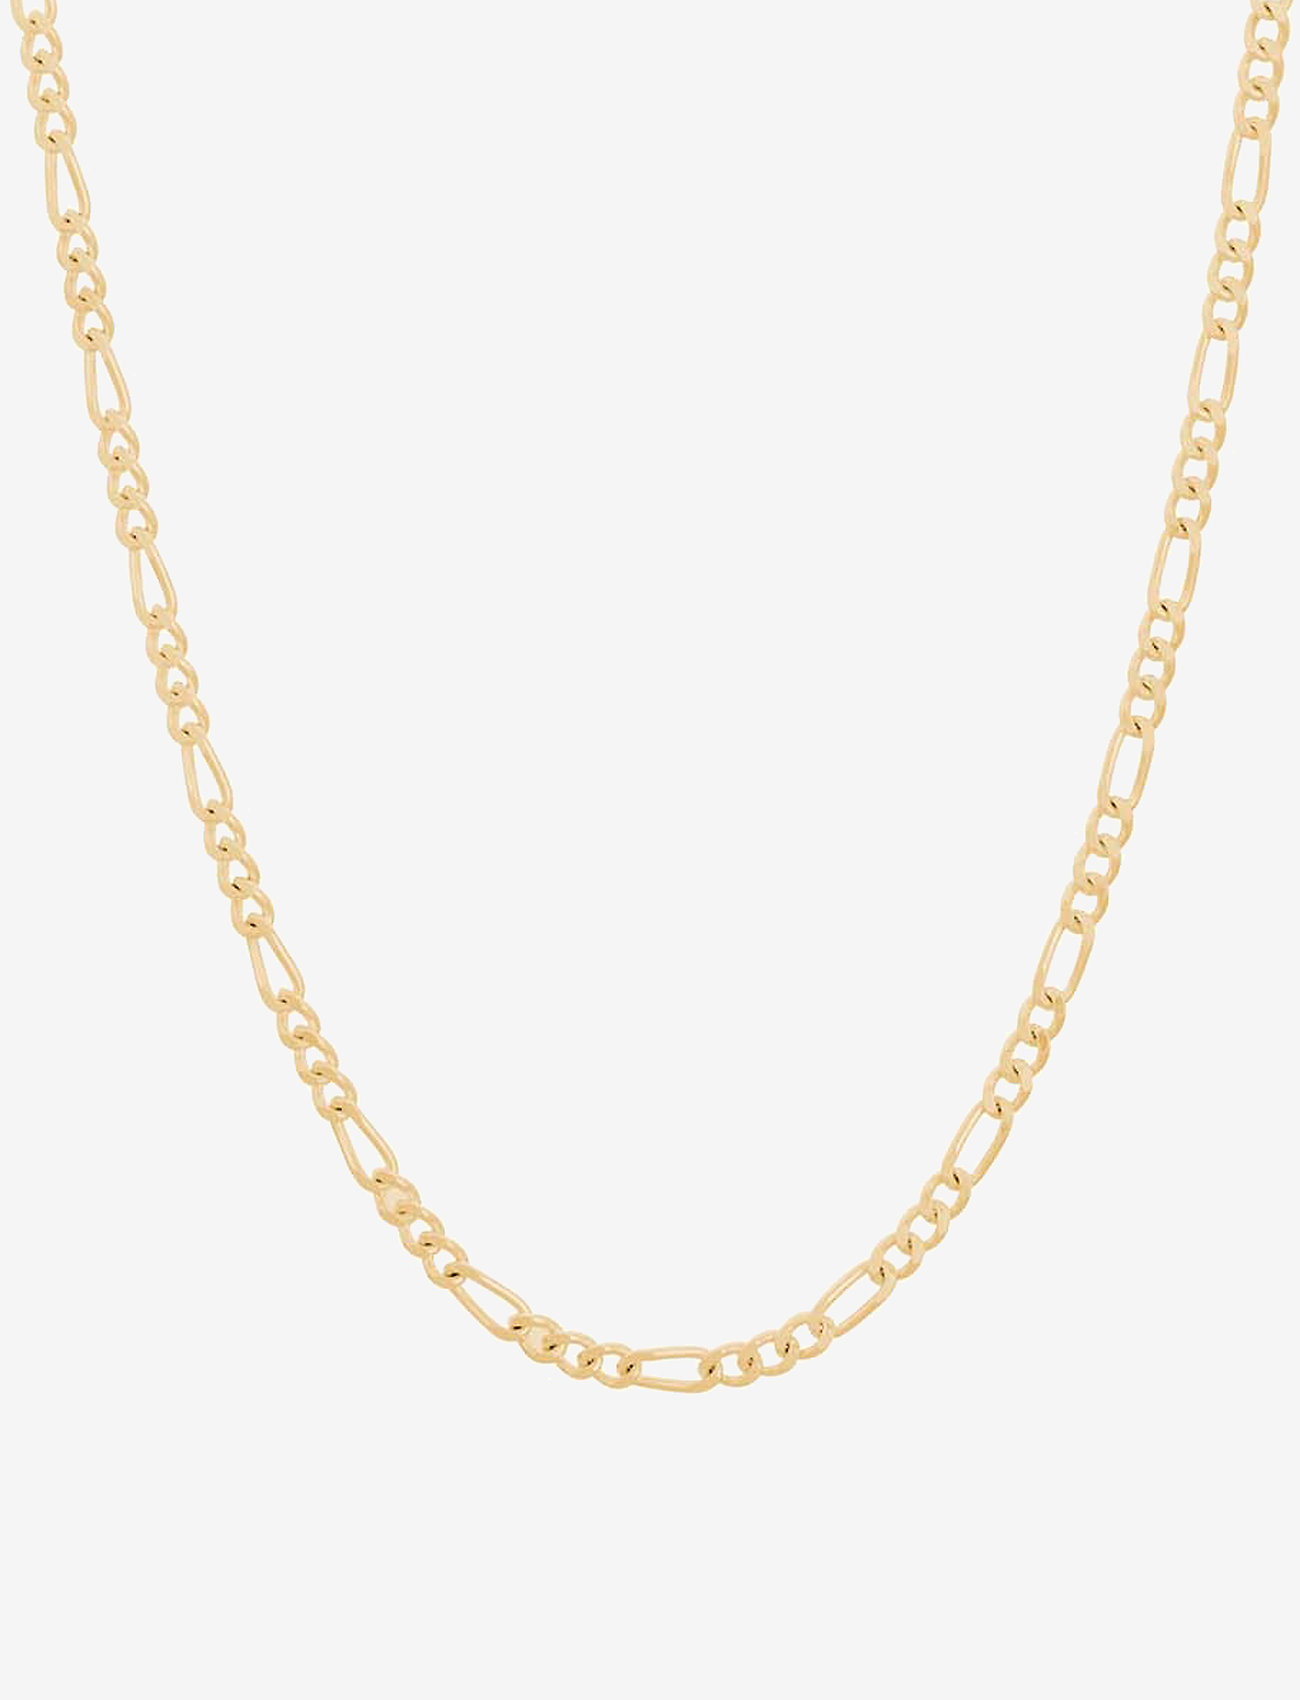 Pernille Corydon Ellen Necklace Adj. 50-60 cm - Biżuteria GOLD PLATED - Akcesoria